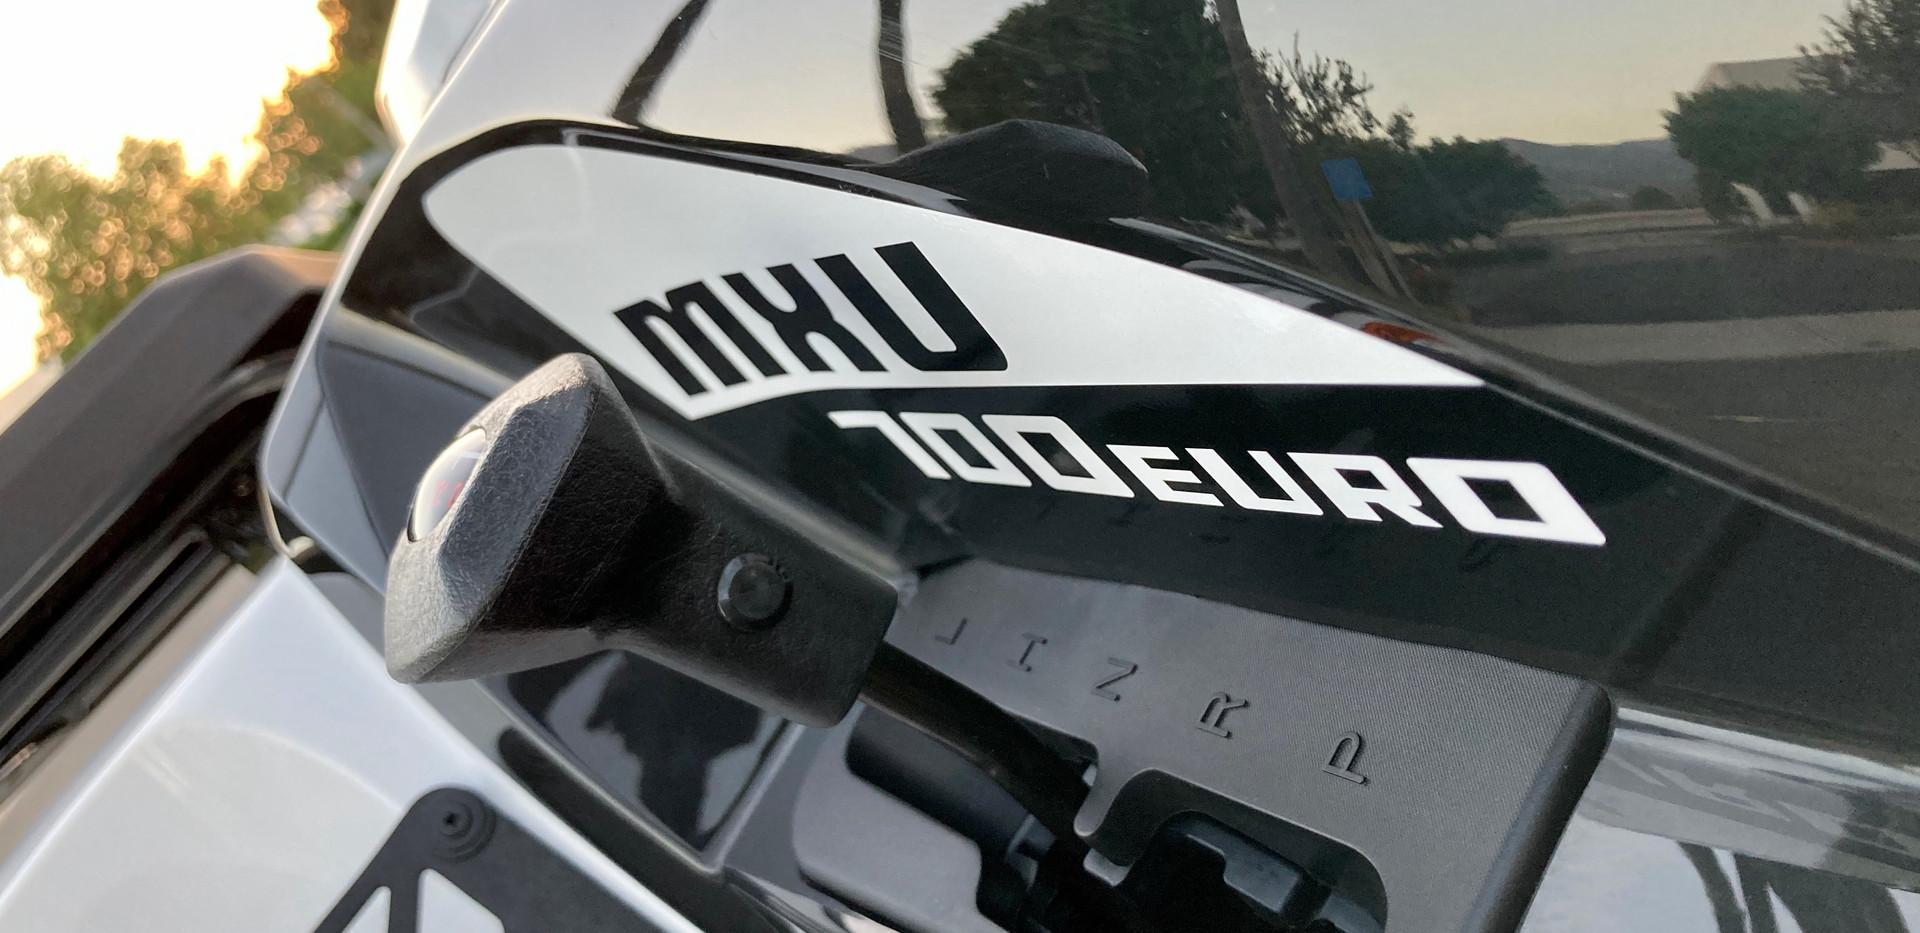 2020 Kymco MXU 700 Euro (1).JPG